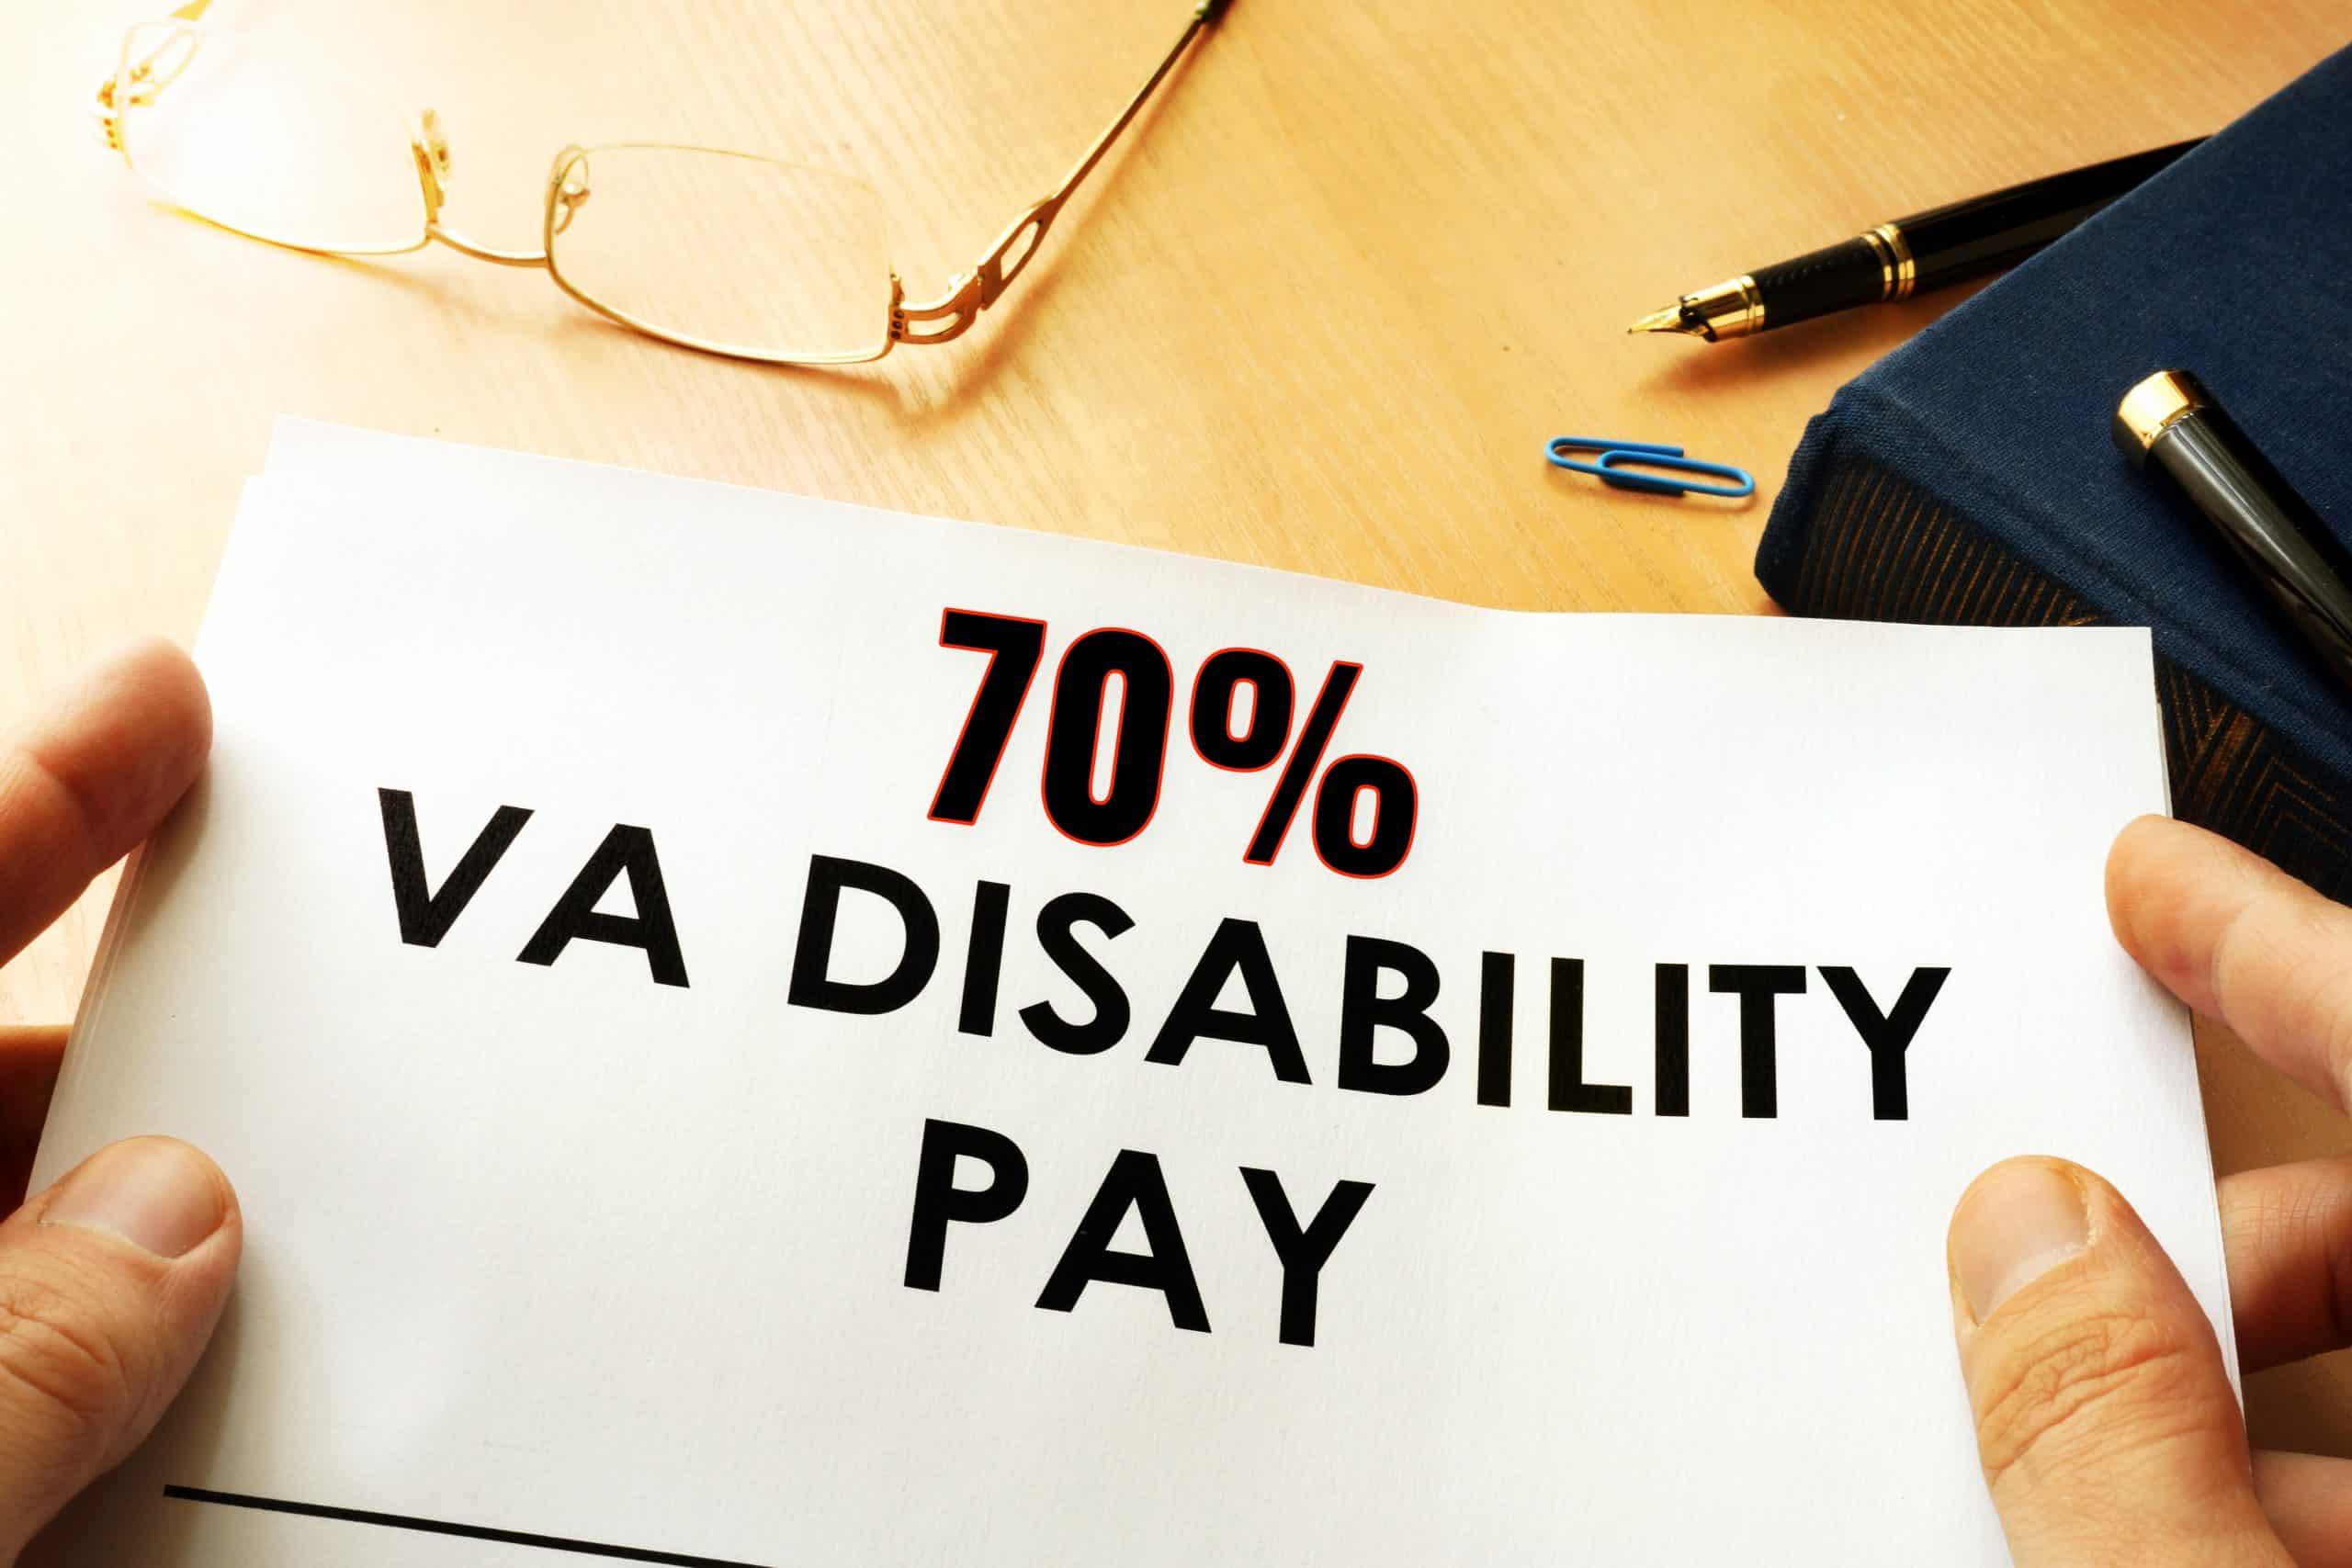 70 VA Disability Pay